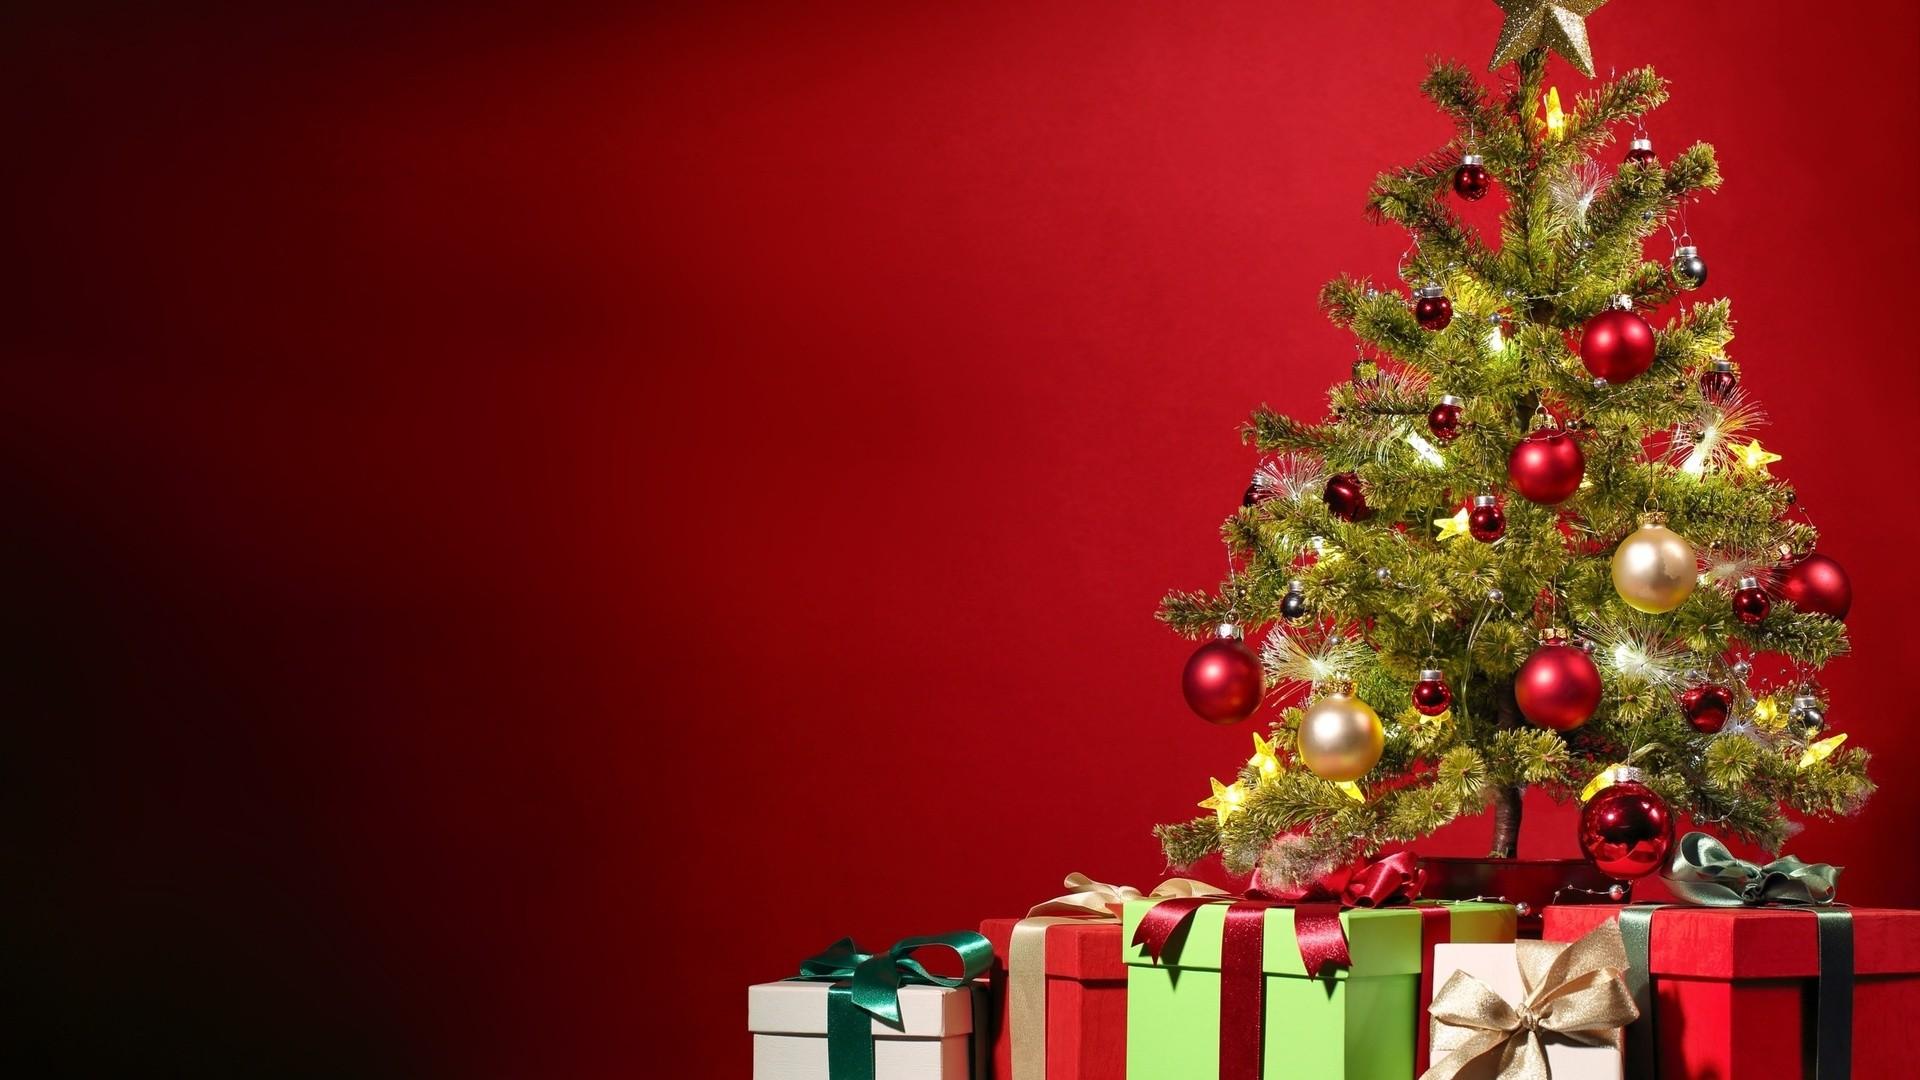 Три новогодние ели  № 1417158 загрузить